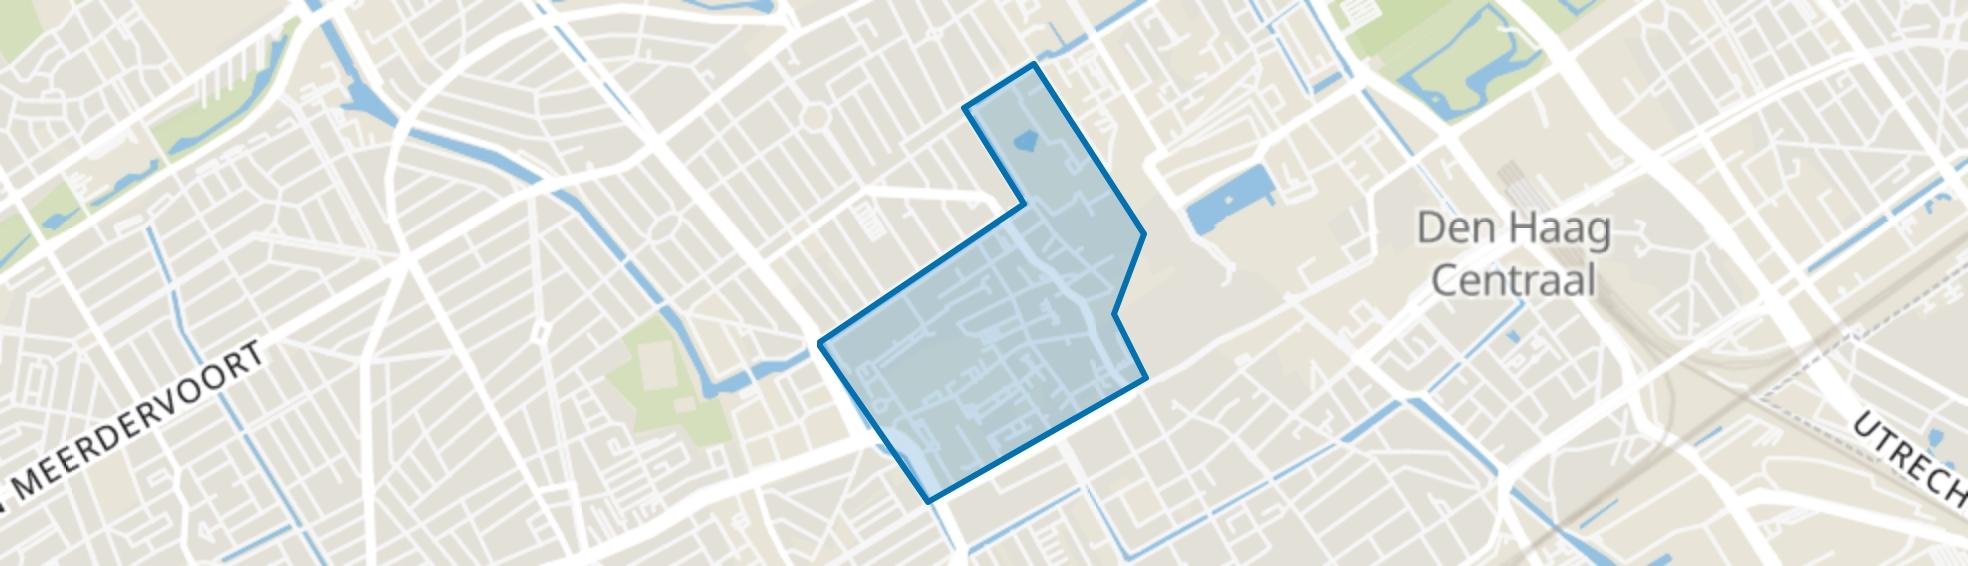 Kortenbos, Den Haag map